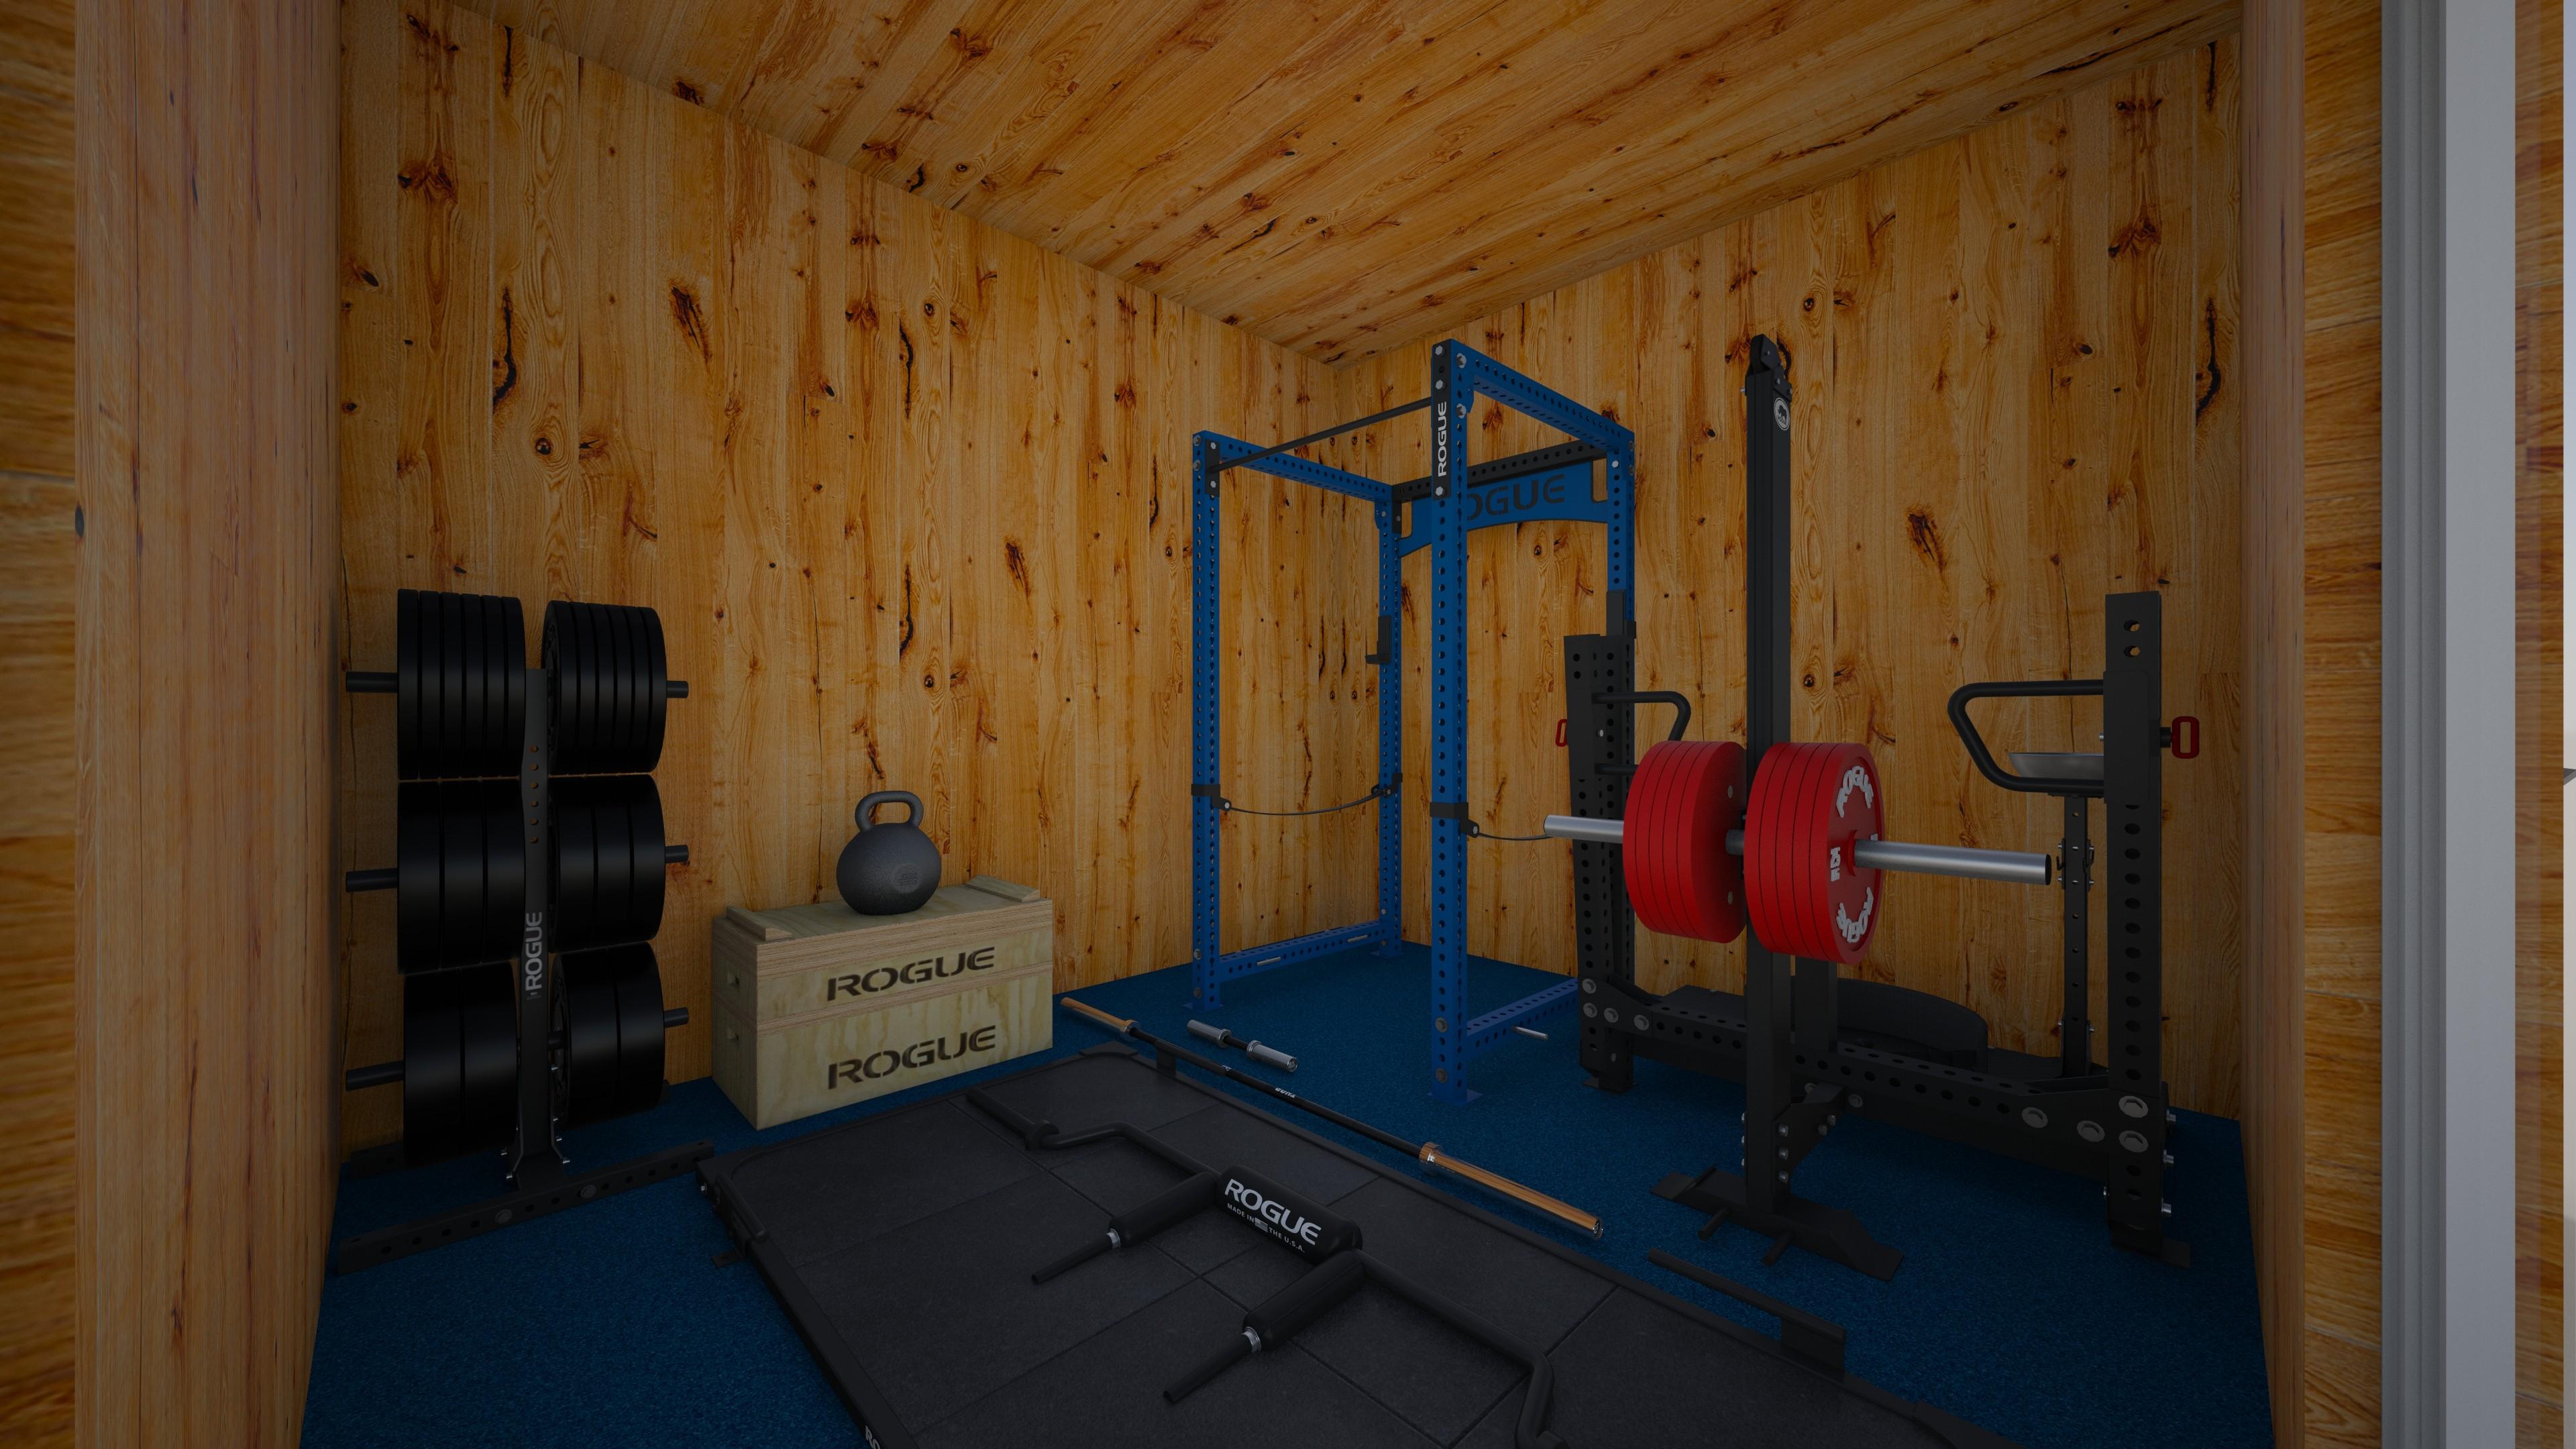 Rhino Rack gym